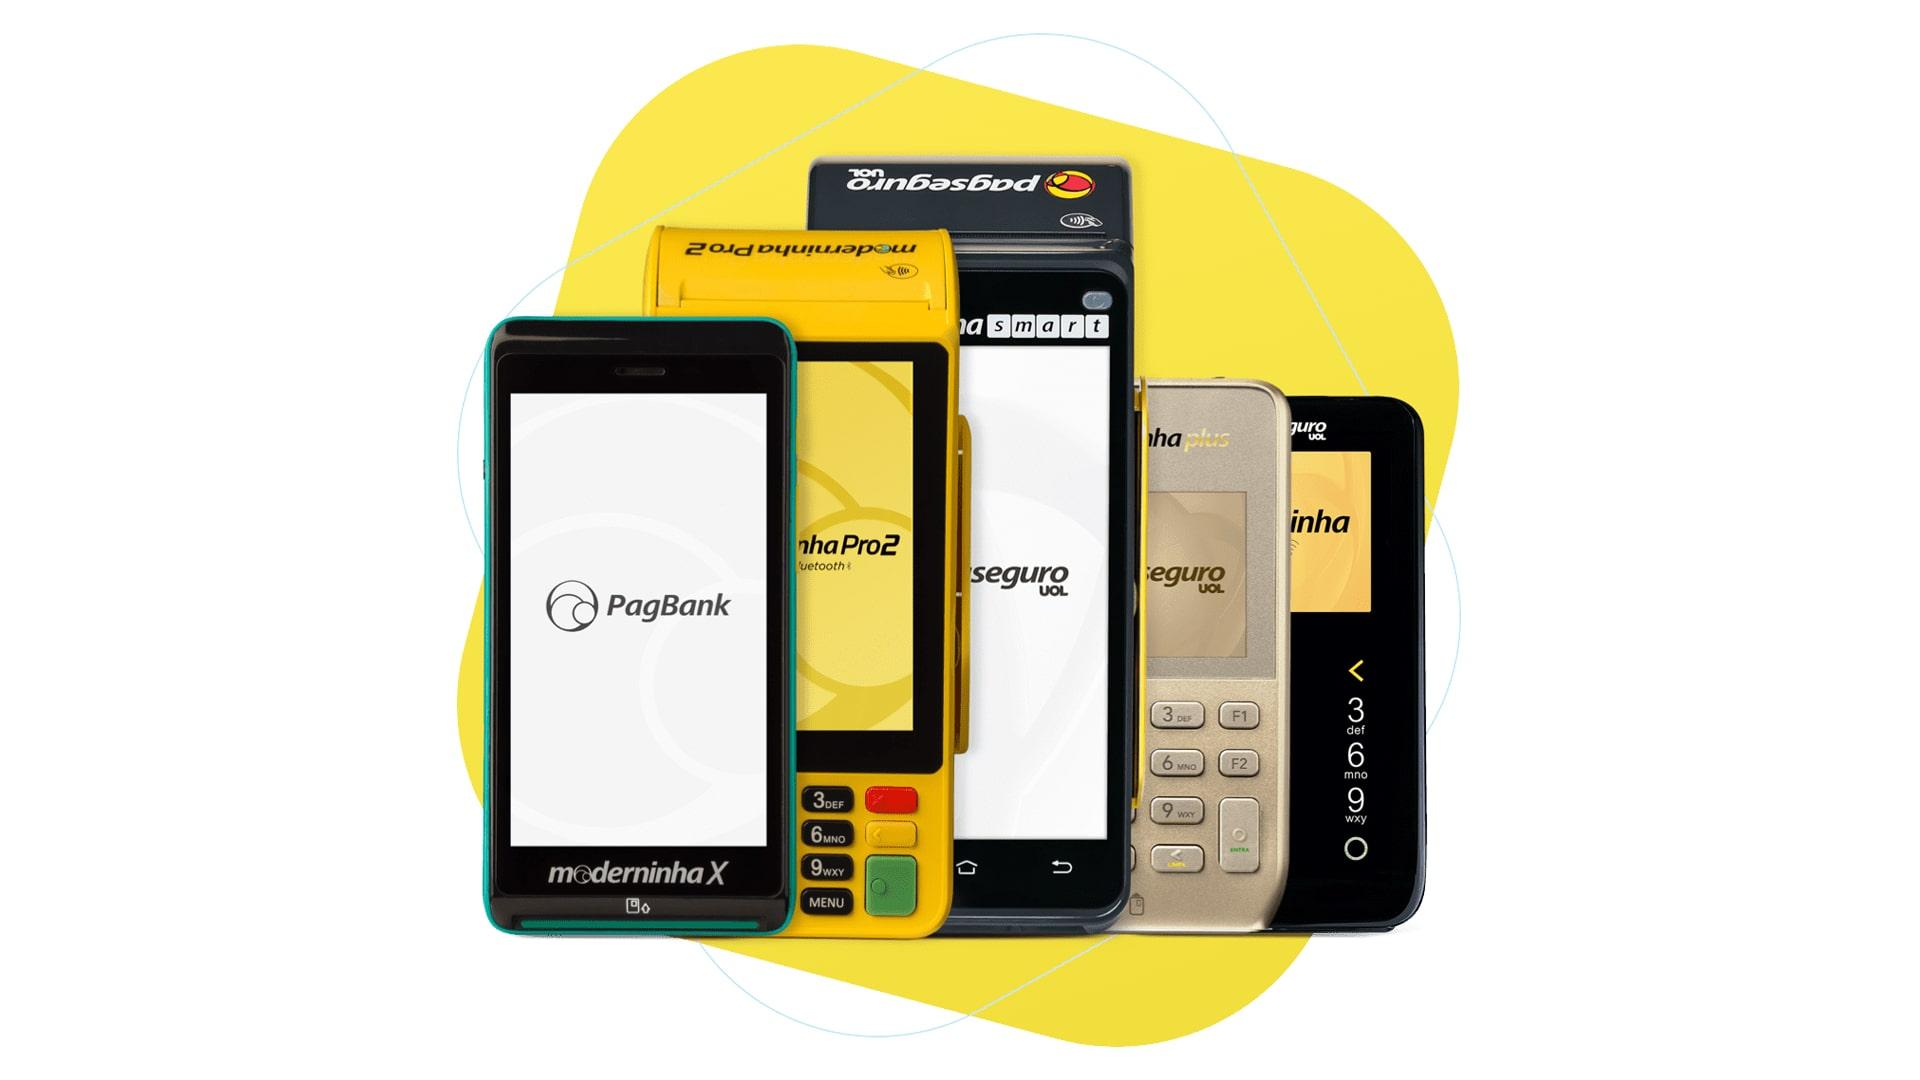 Recarga de Celular - Pagseguro e PagBank